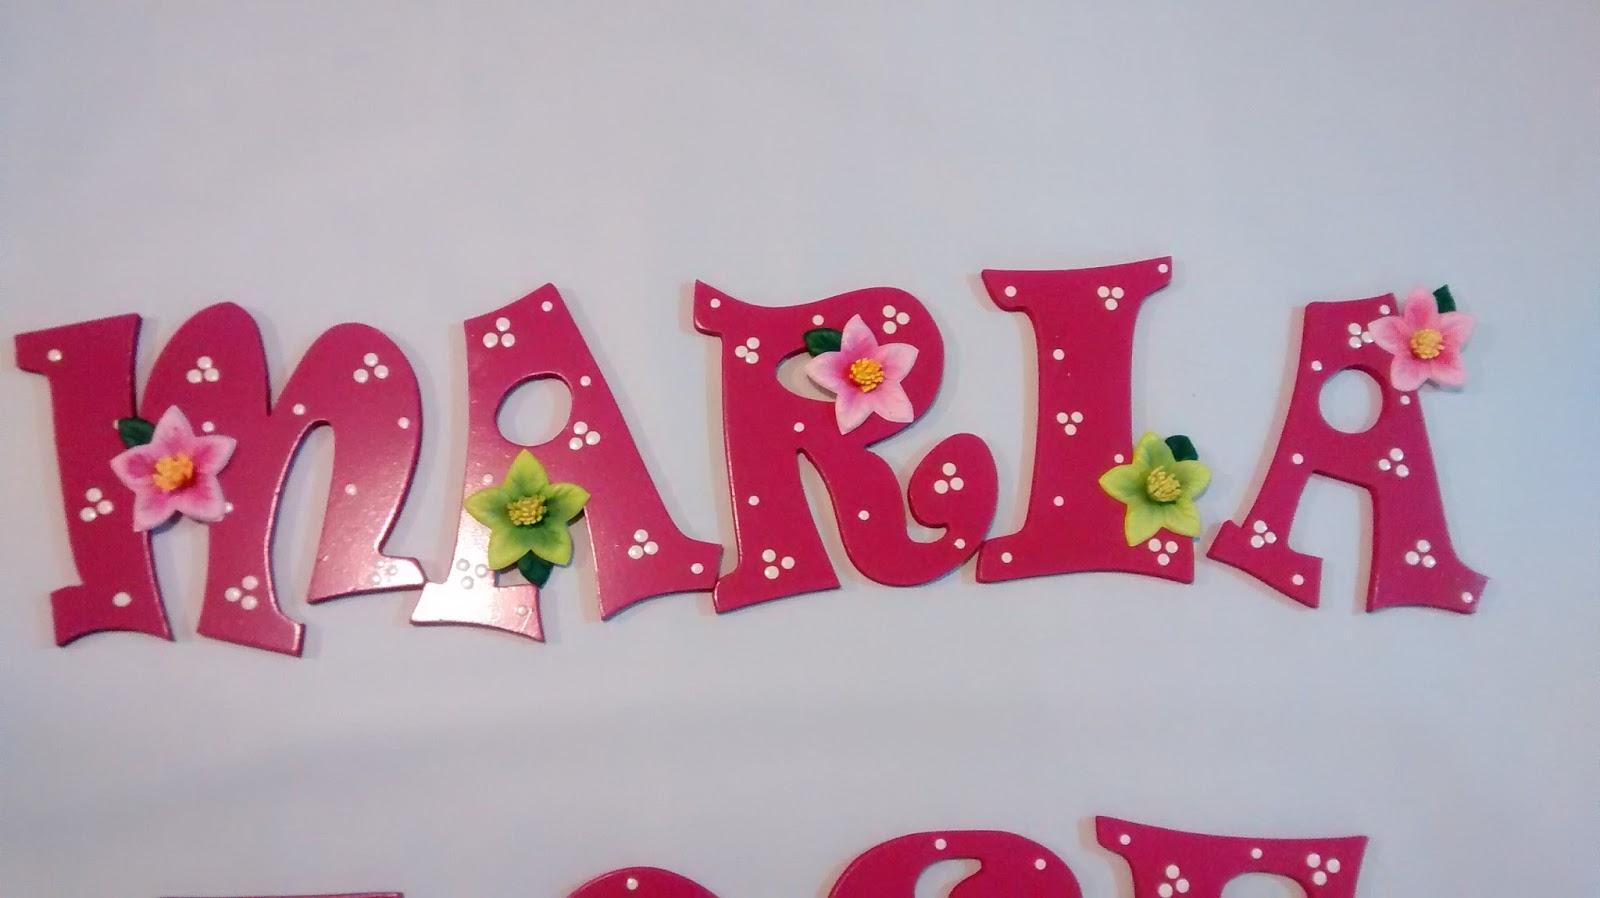 Galeria arte y dise o madekids letras en mdf - Letras decoradas infantiles ...